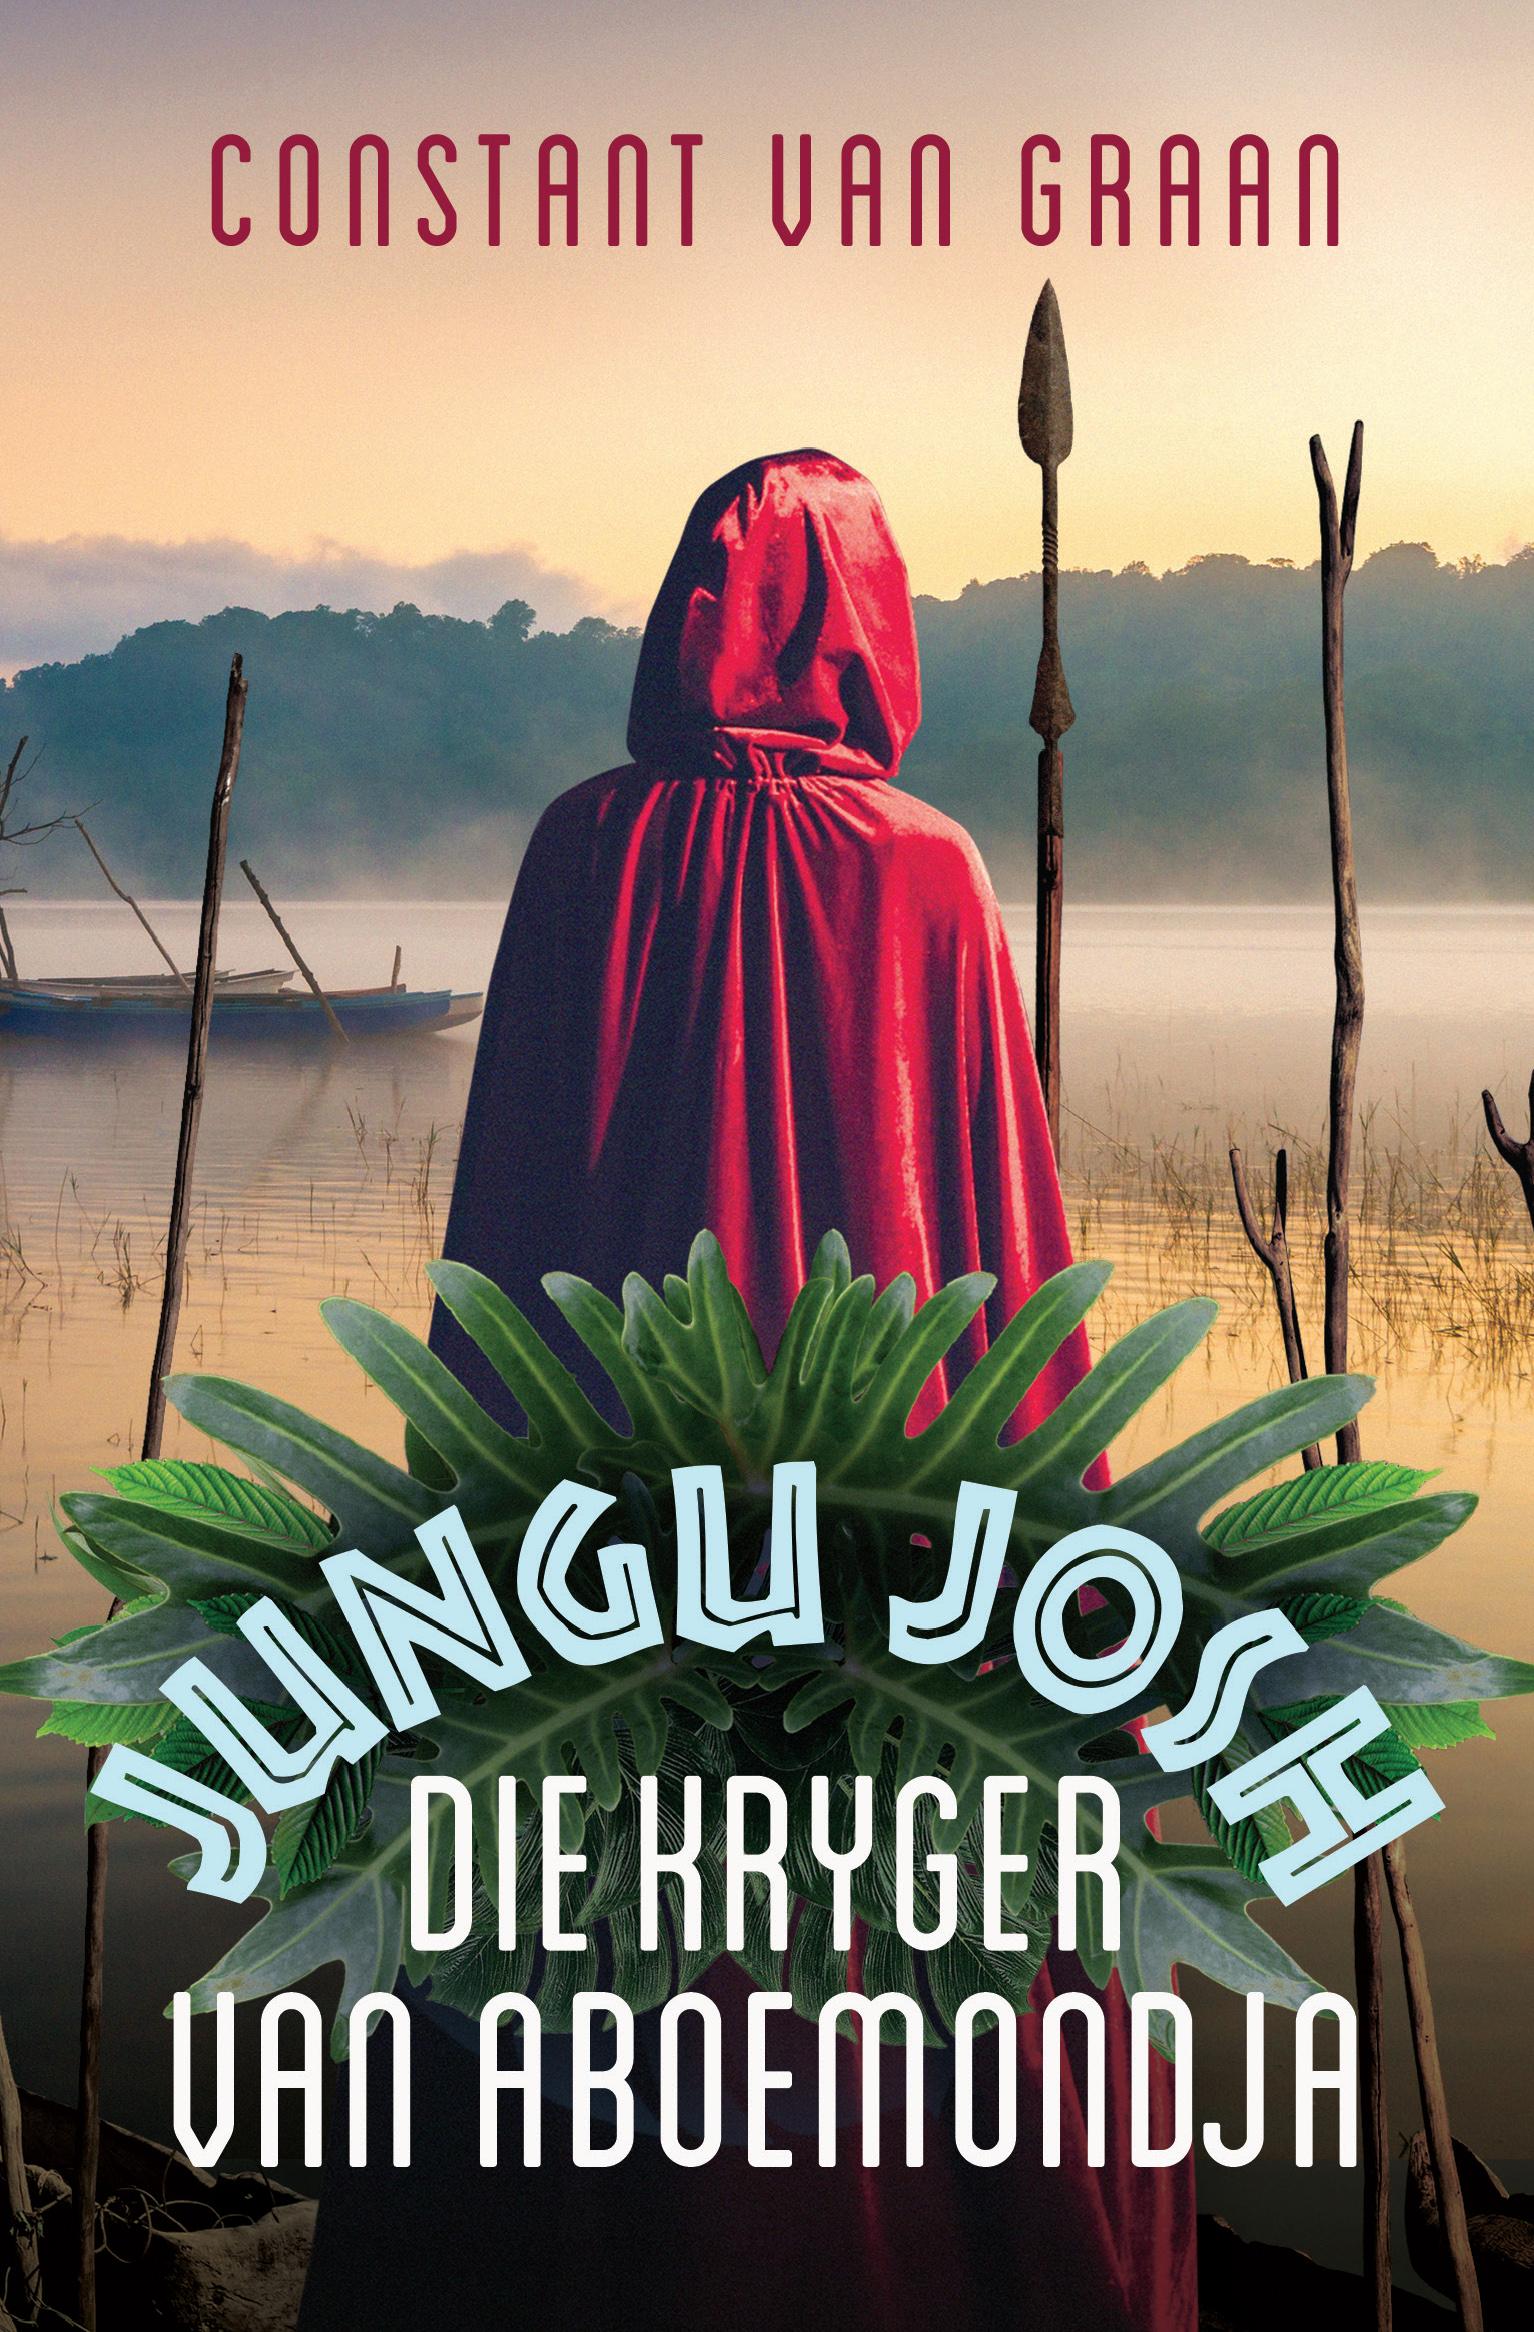 Jungu Josh 2: Die Kryger van Aboemondja